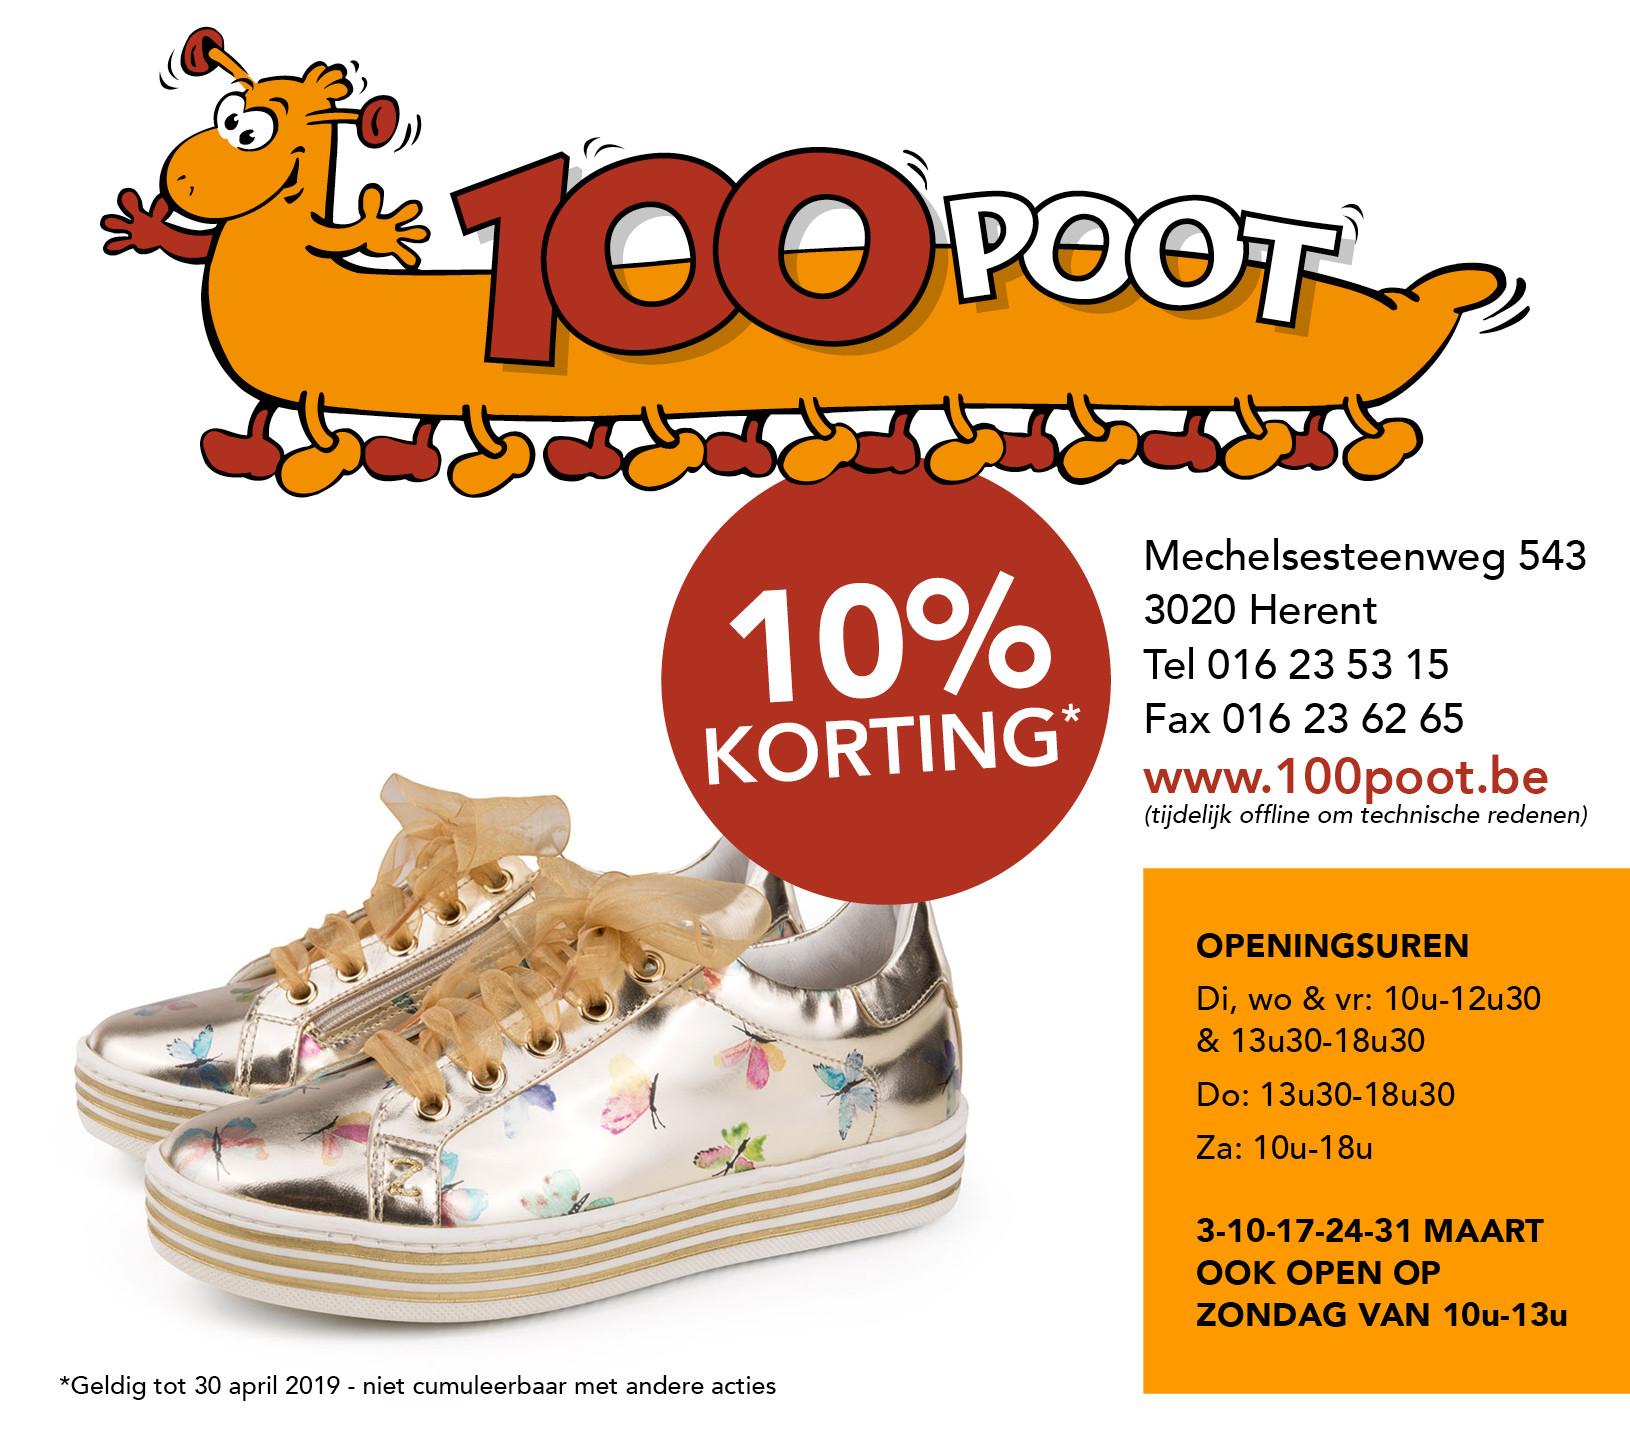 100_poot_herent_maart_2019_hr3.jpg